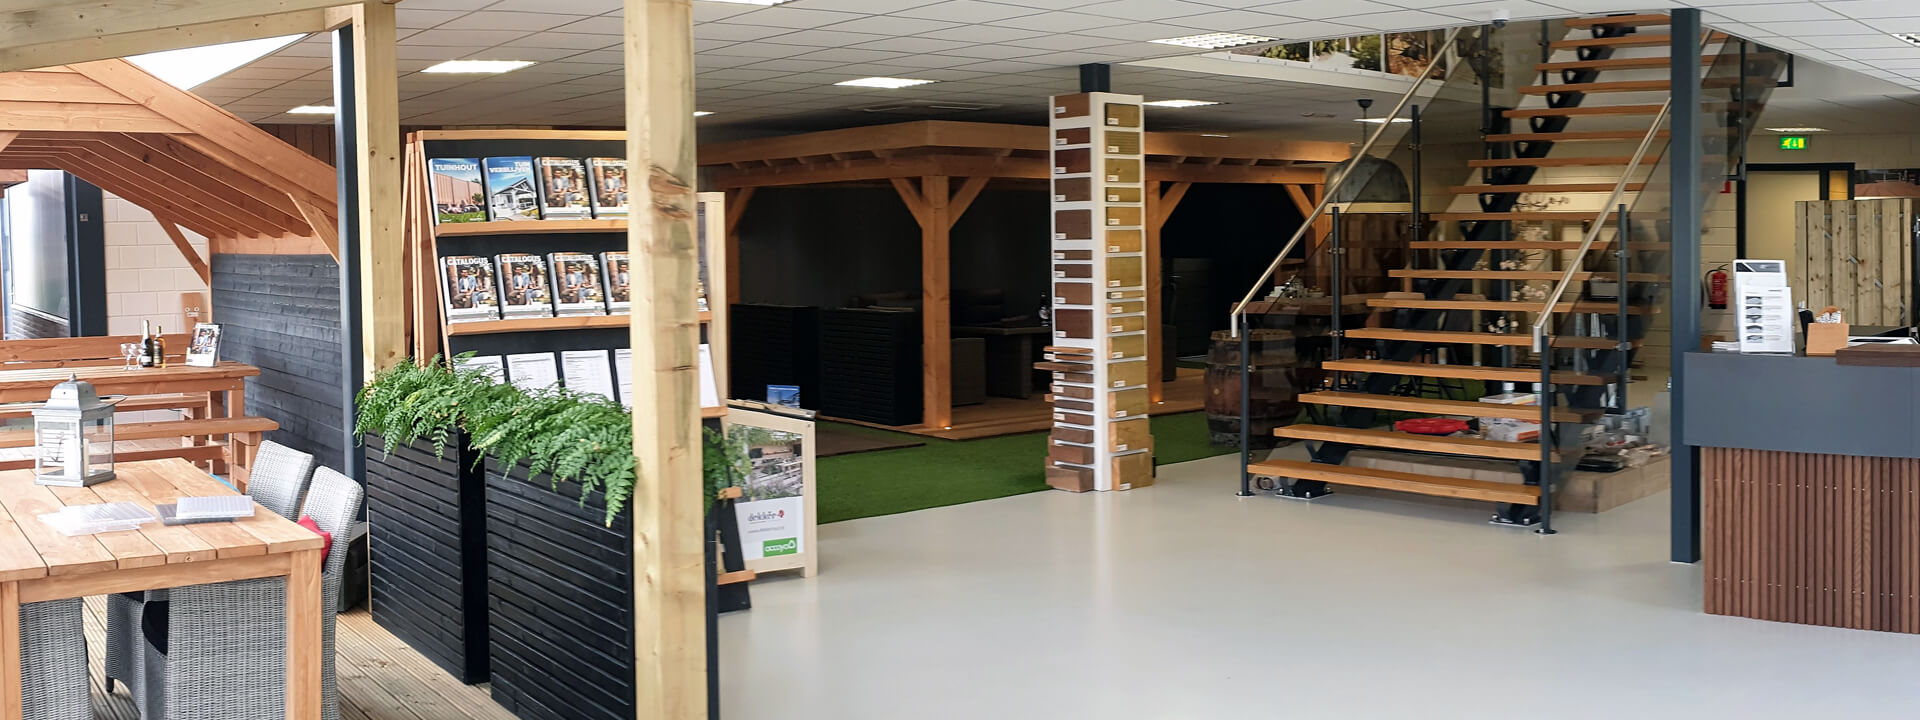 Partners-Sjoerd-de-jong-hovenier-silvolde-achterhoek-tuin